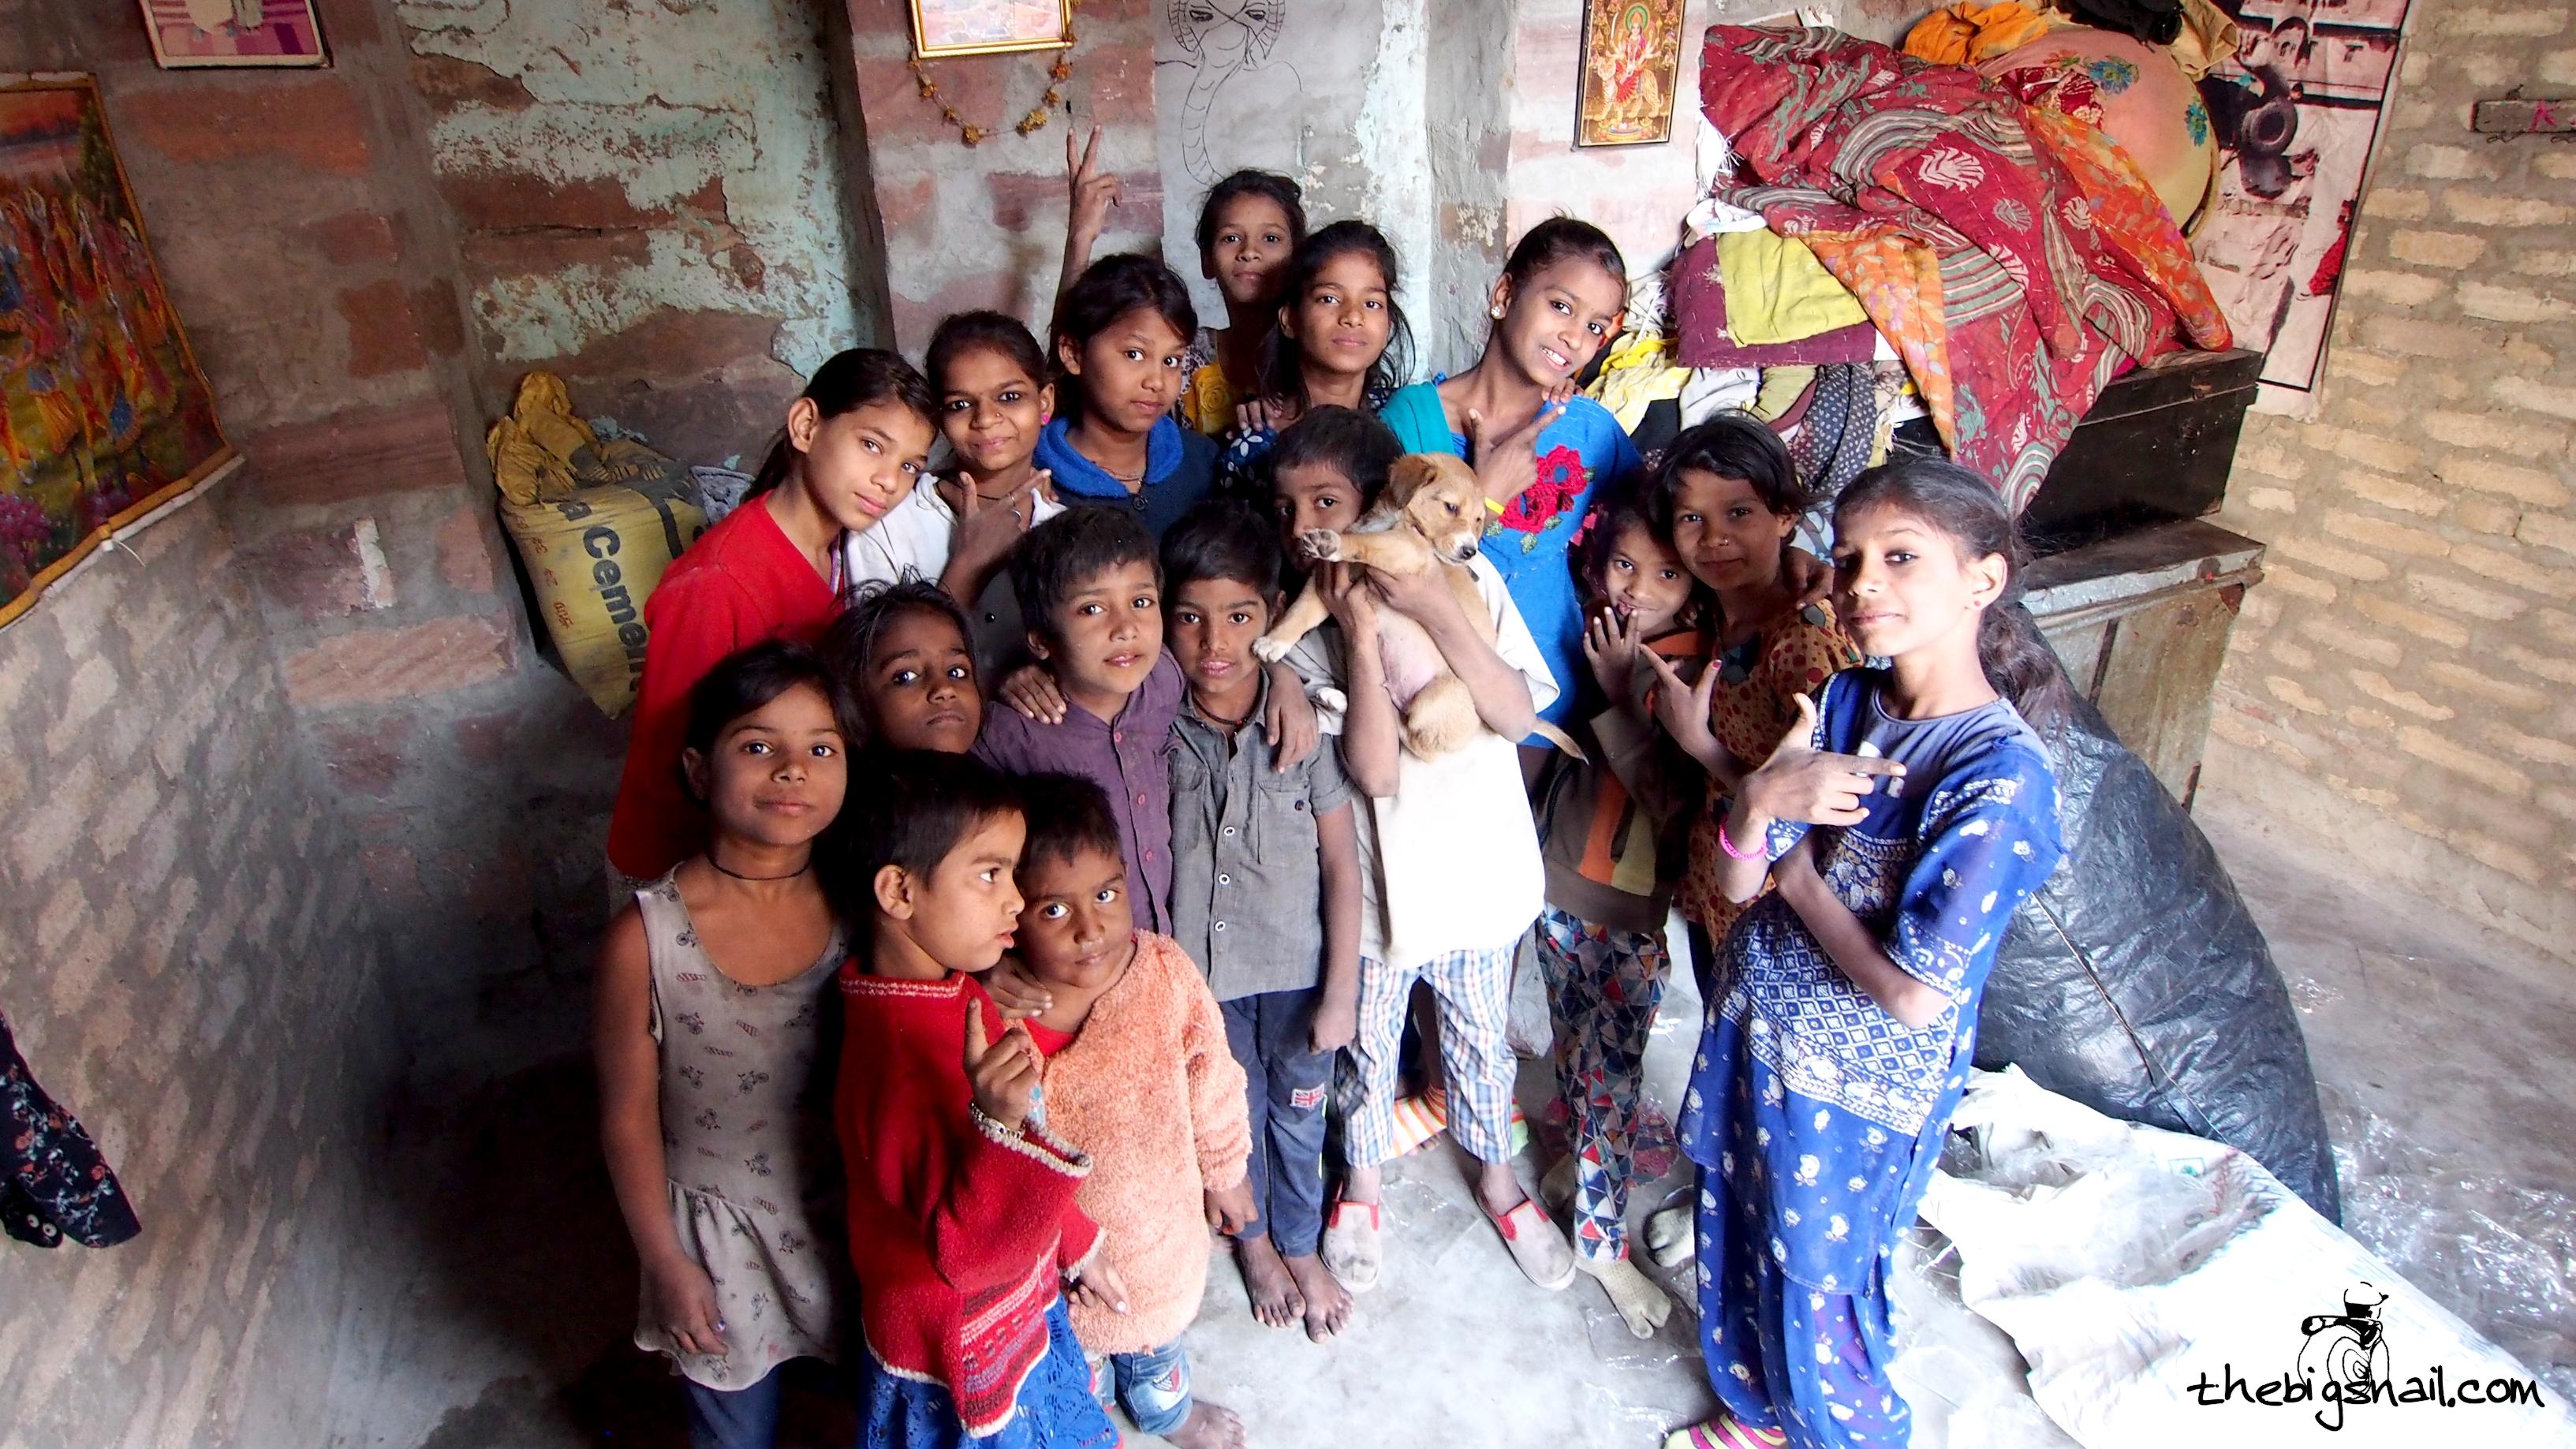 Anjali avec une dizaine de ses sœurs et quatre garçons dans une petite pièce aux murs de brique.